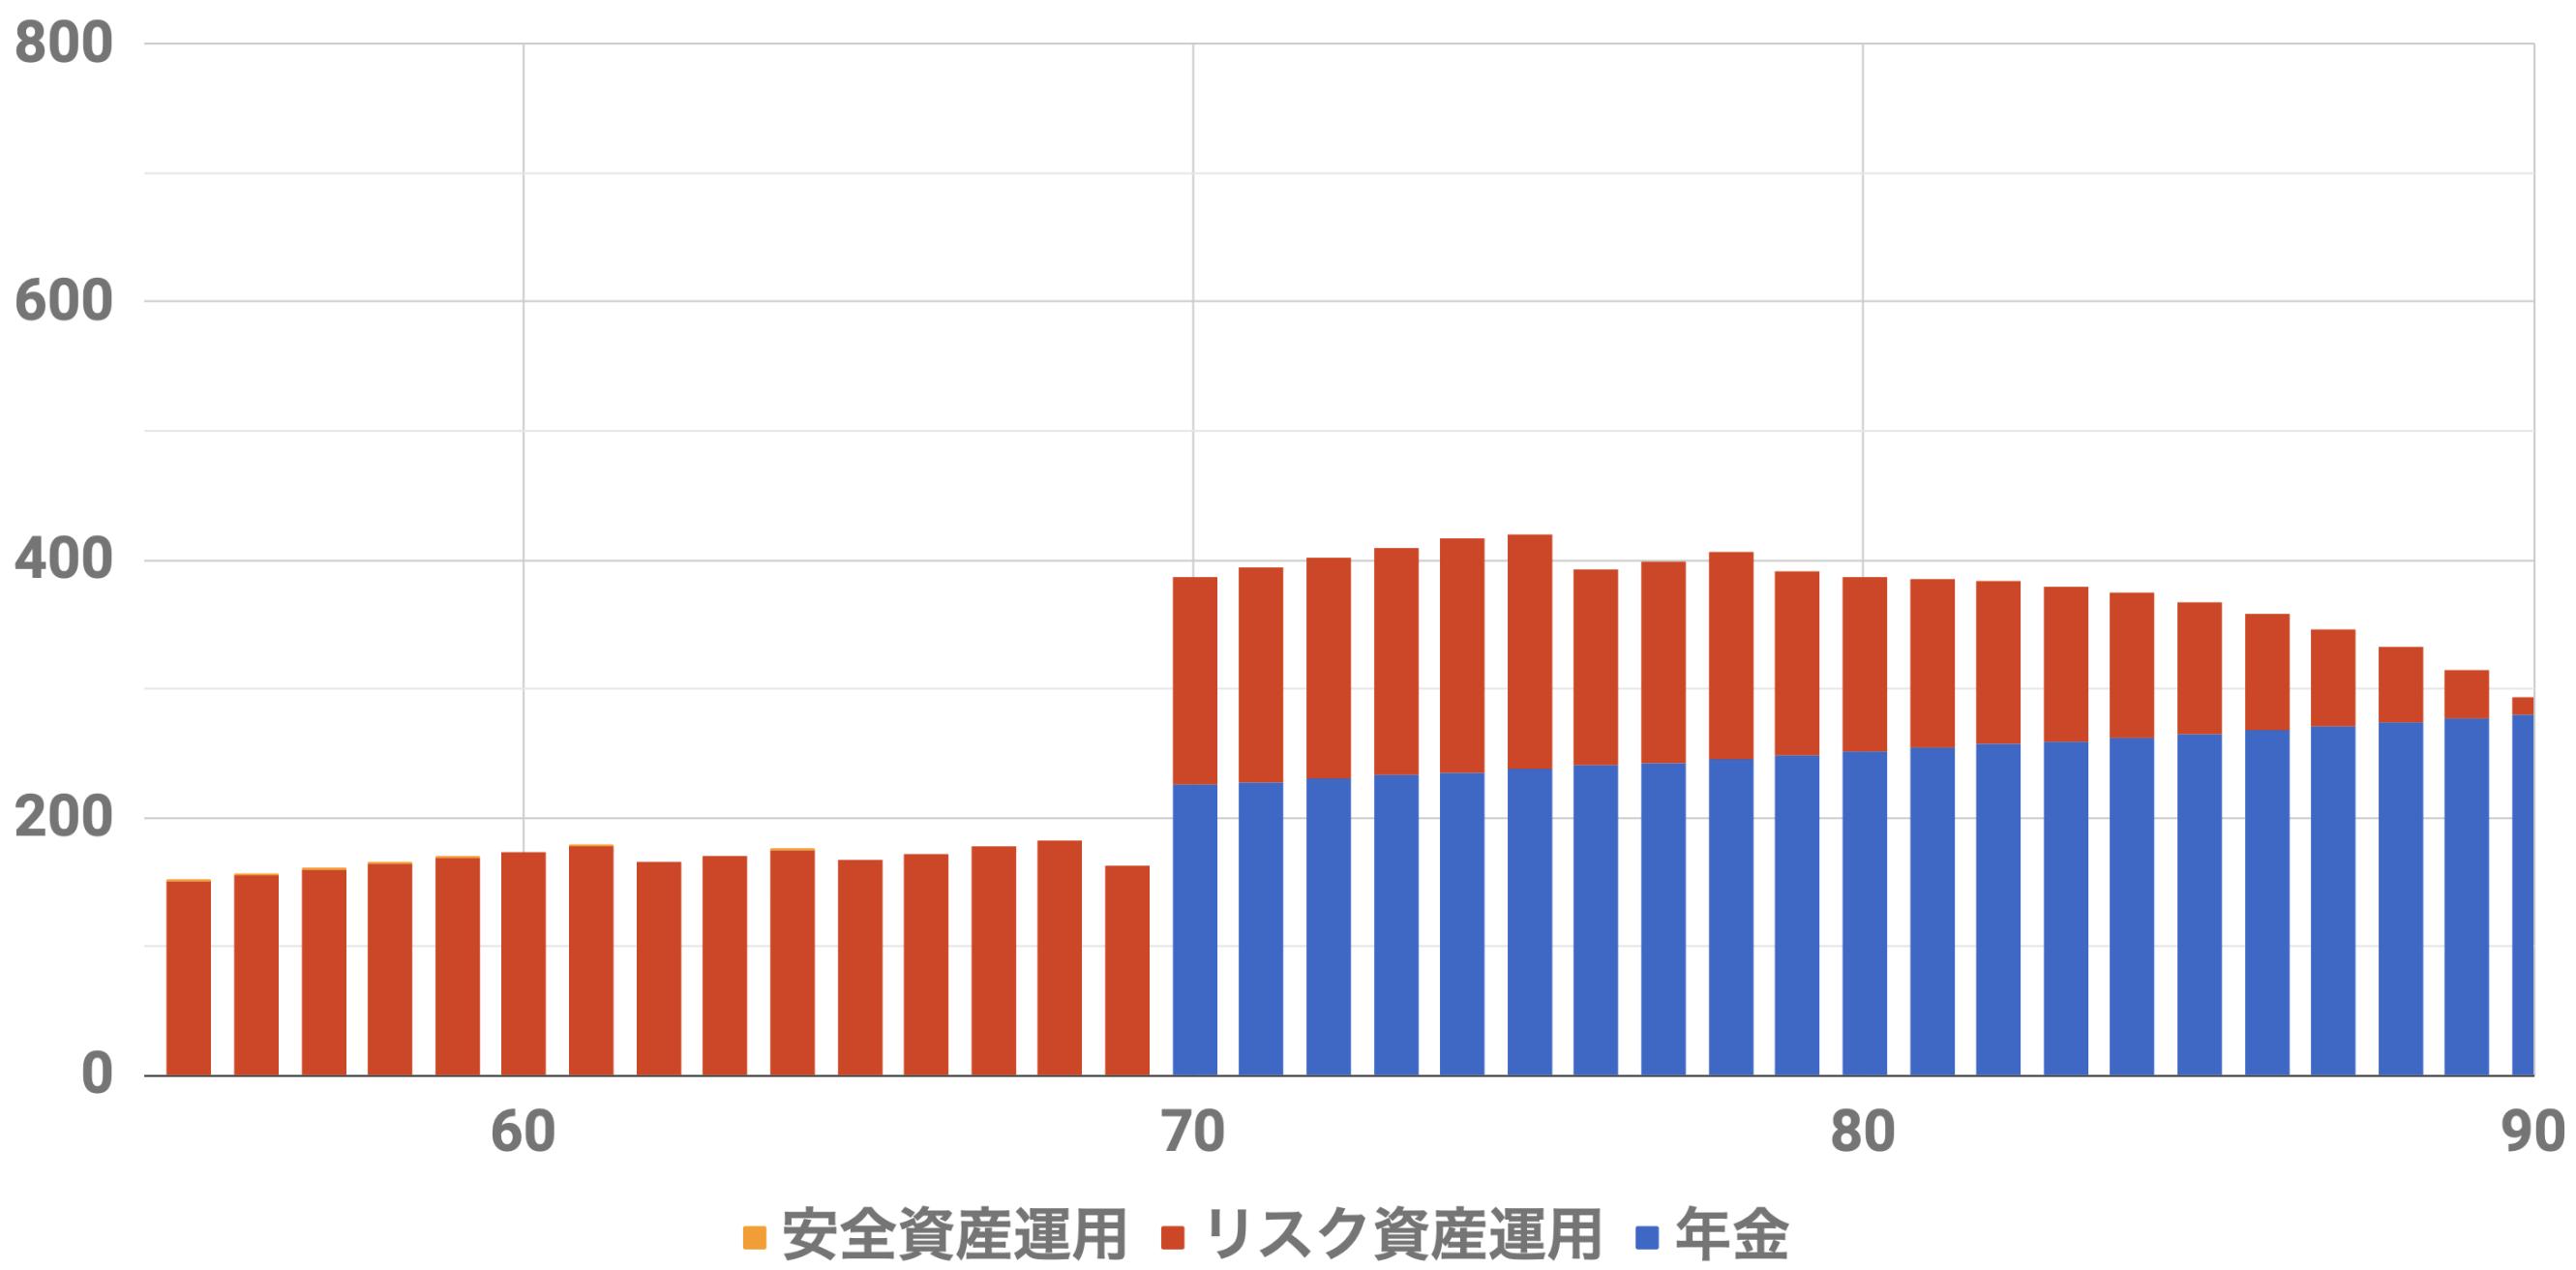 55歳8000万収入シミュレーション(Level5)インフレ率2%利率3.0%連続増配率3.0%